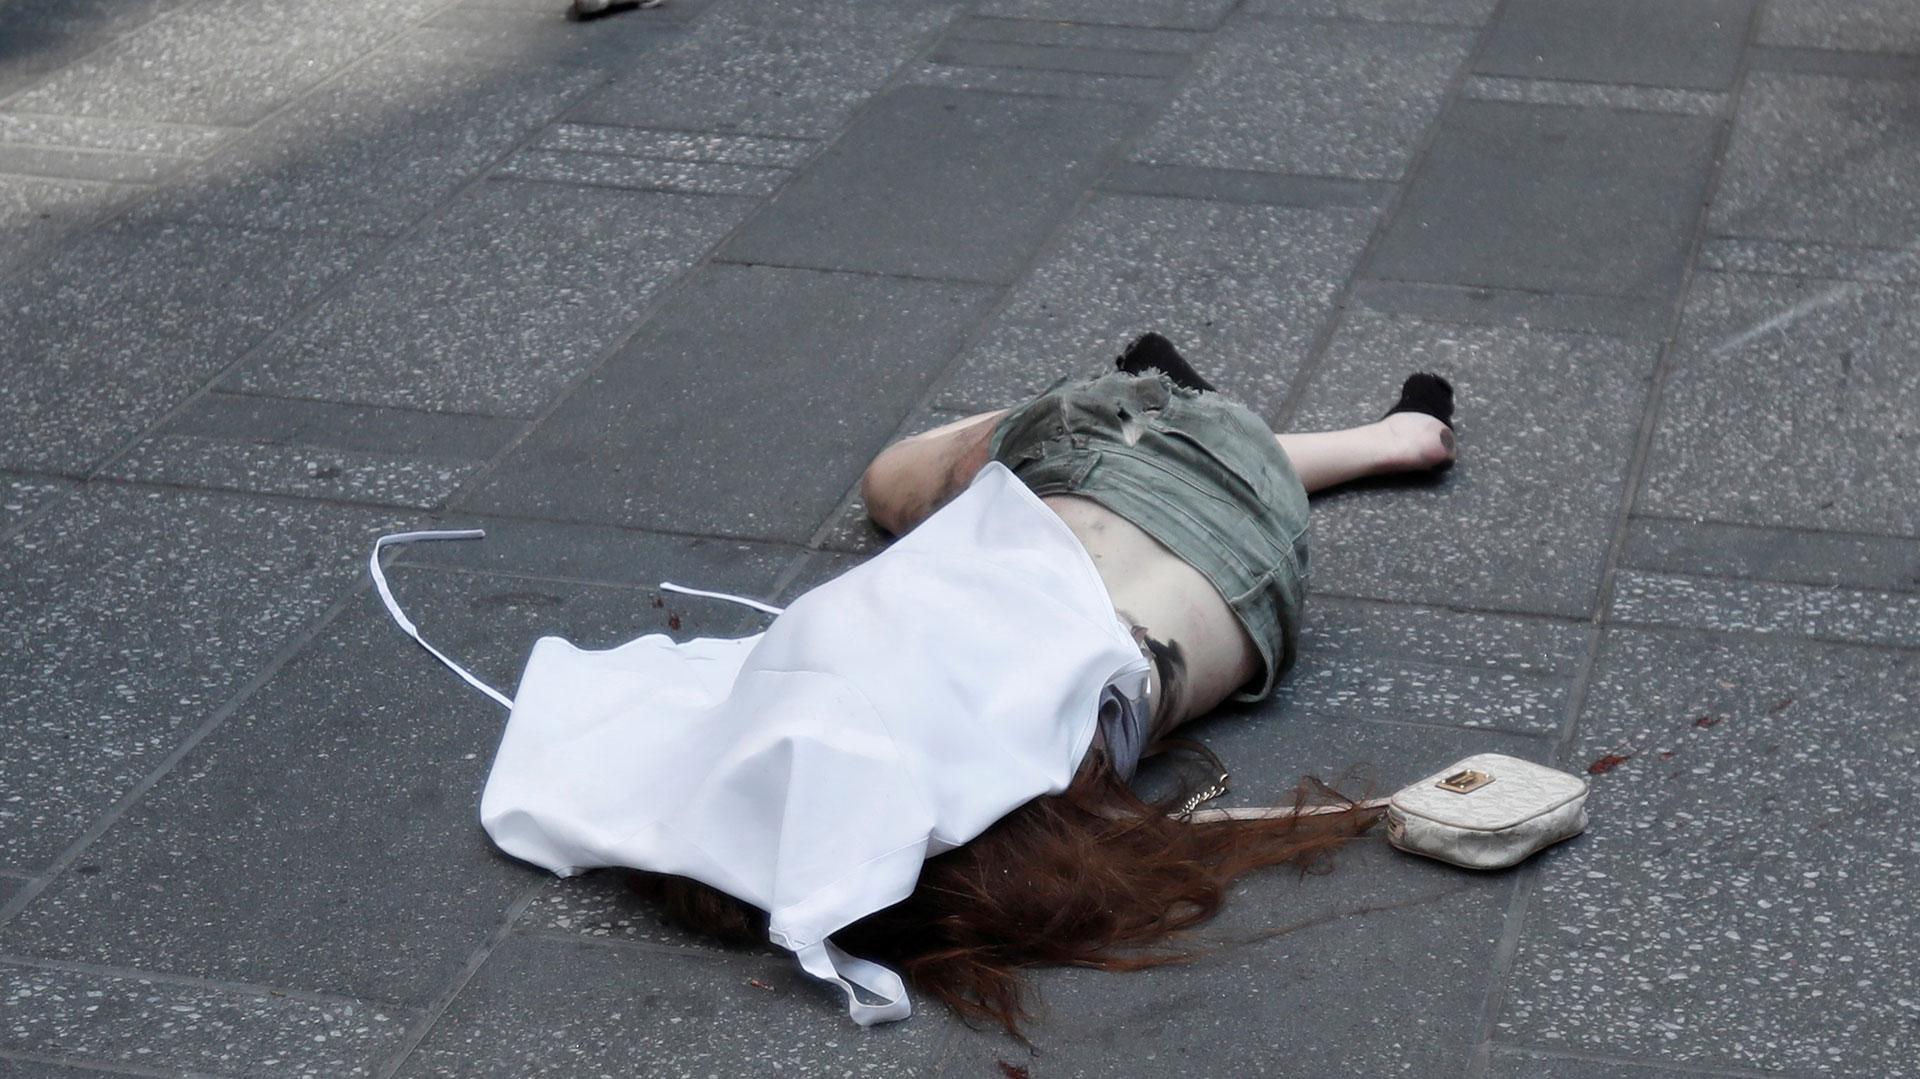 Un muerto y 12 heridos deja atropello múltiple en Nueva York